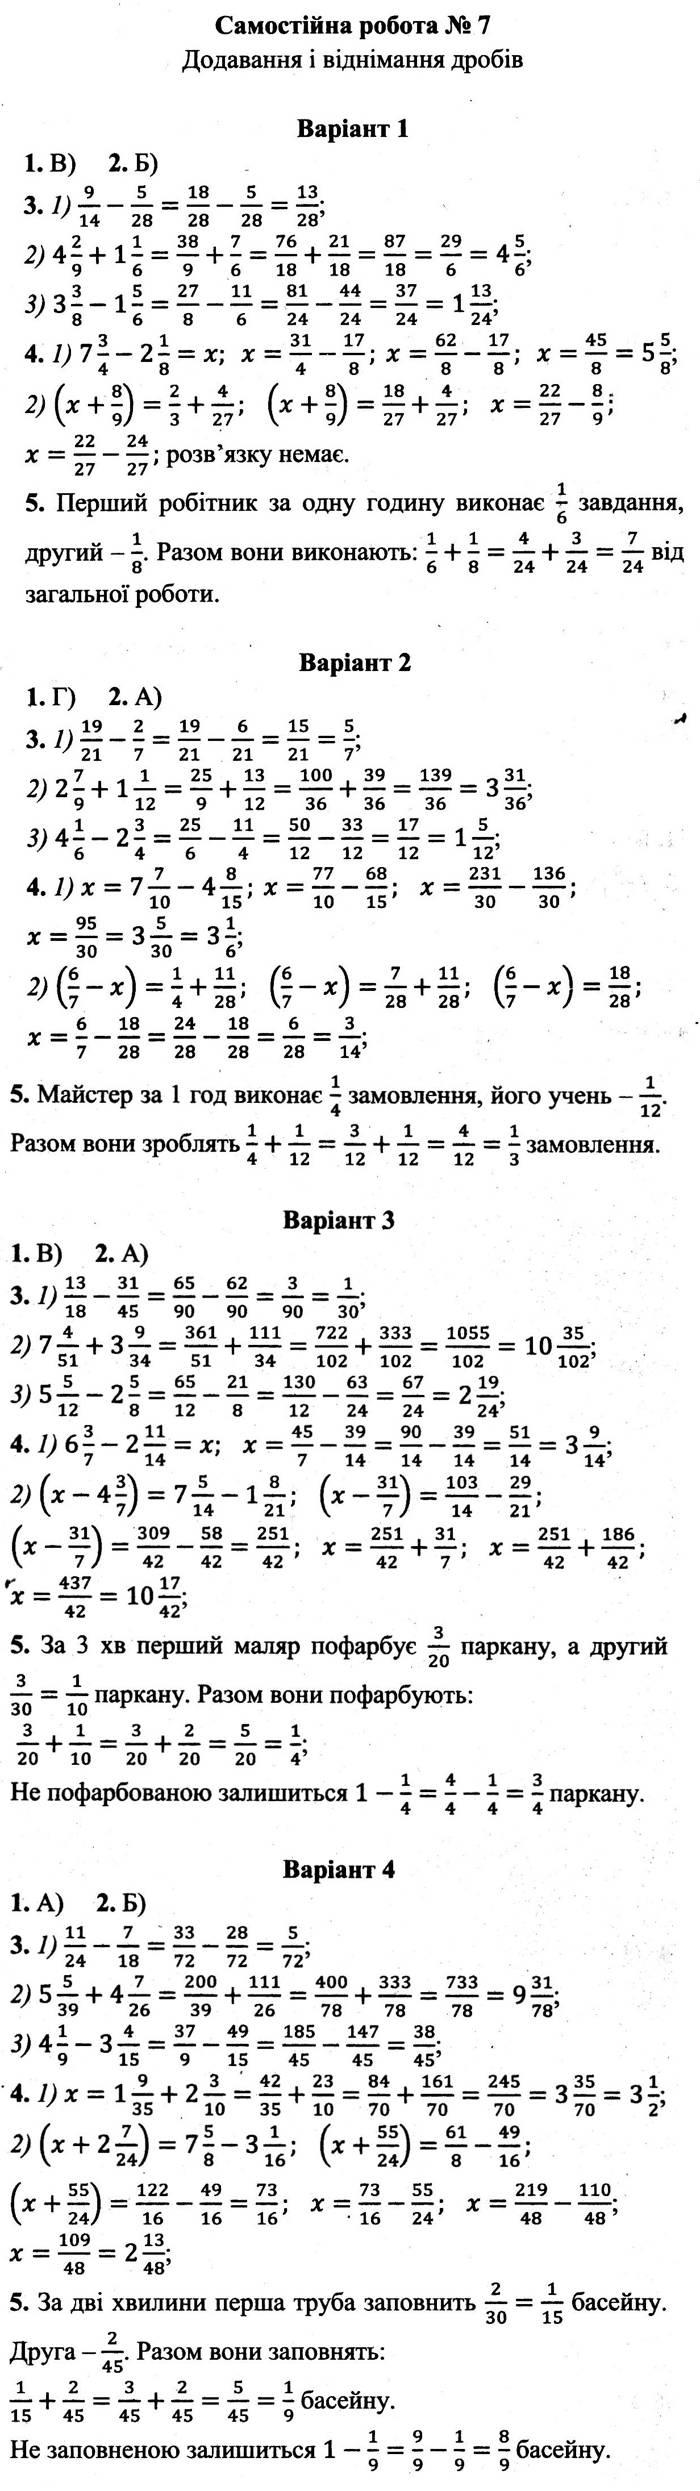 Розв'язання завдань до самостійної роботи 7 посібника 6 клас Математика Мерзляк (збірник самостійних робіт і тестів) 2020 рік